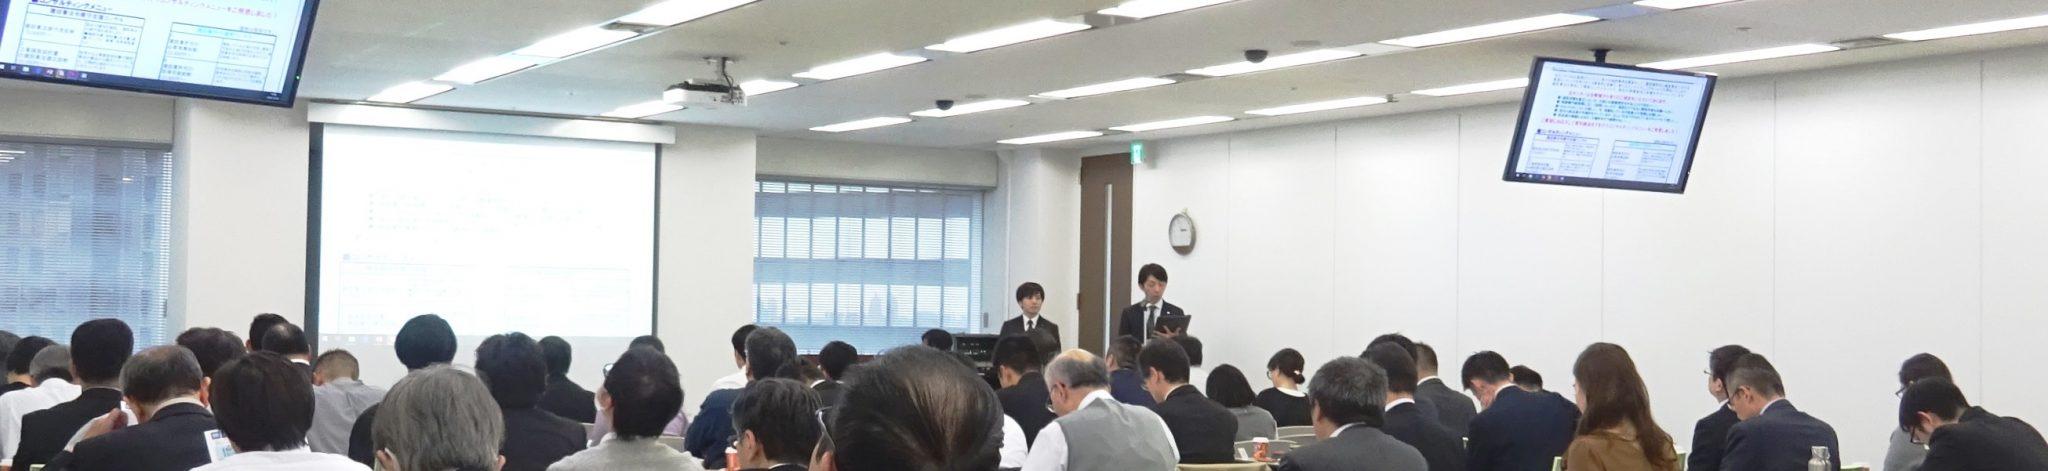 建設業 東京 行政書士 セミナー 会場風景